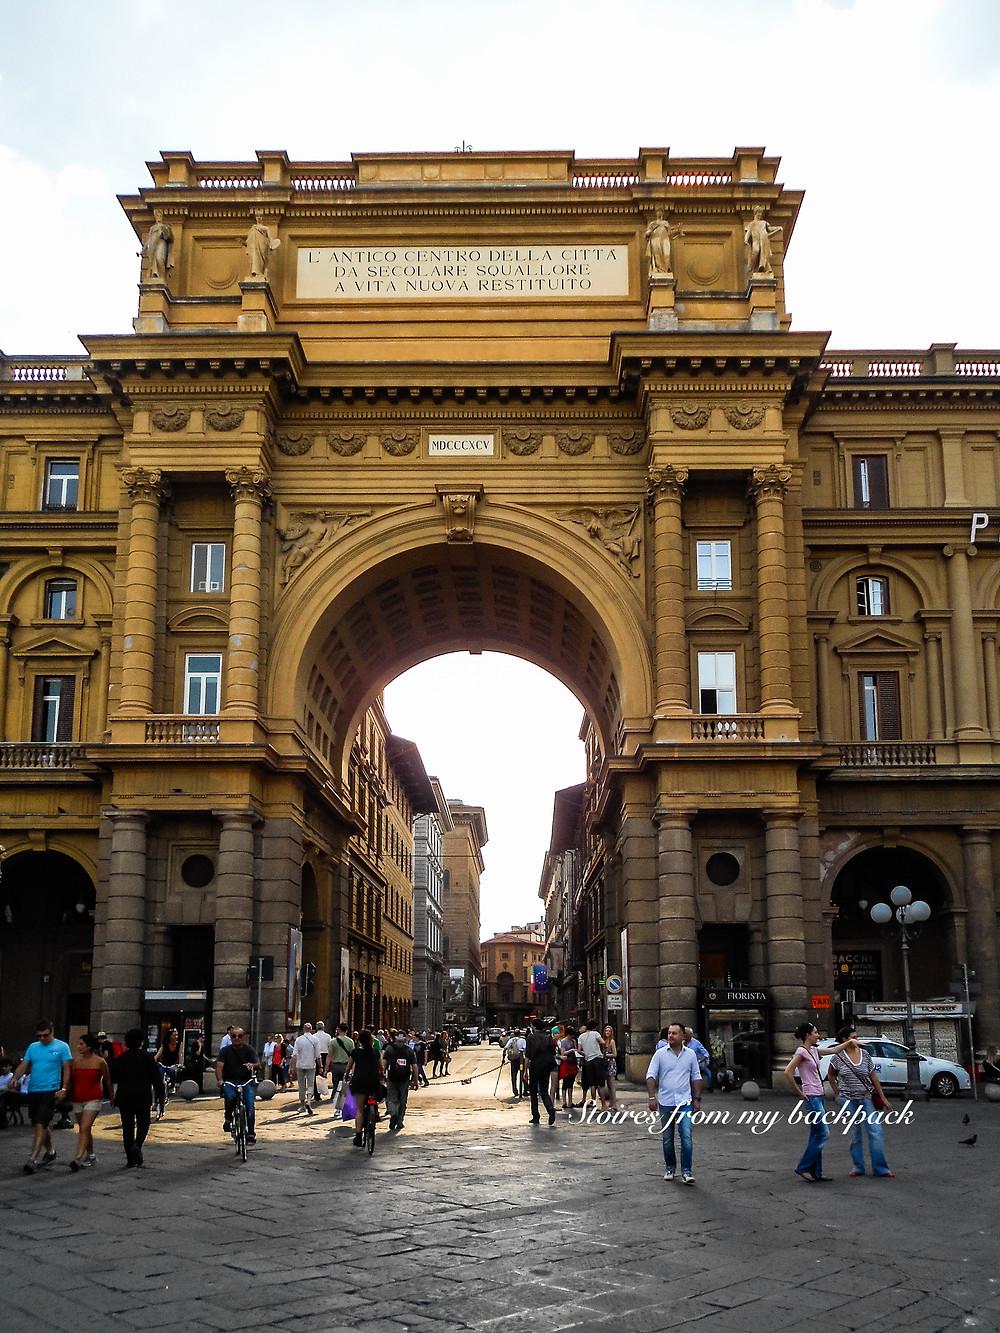 Piazza della republica, Piazza della signoria, street tour of Florence, bike tour of florence